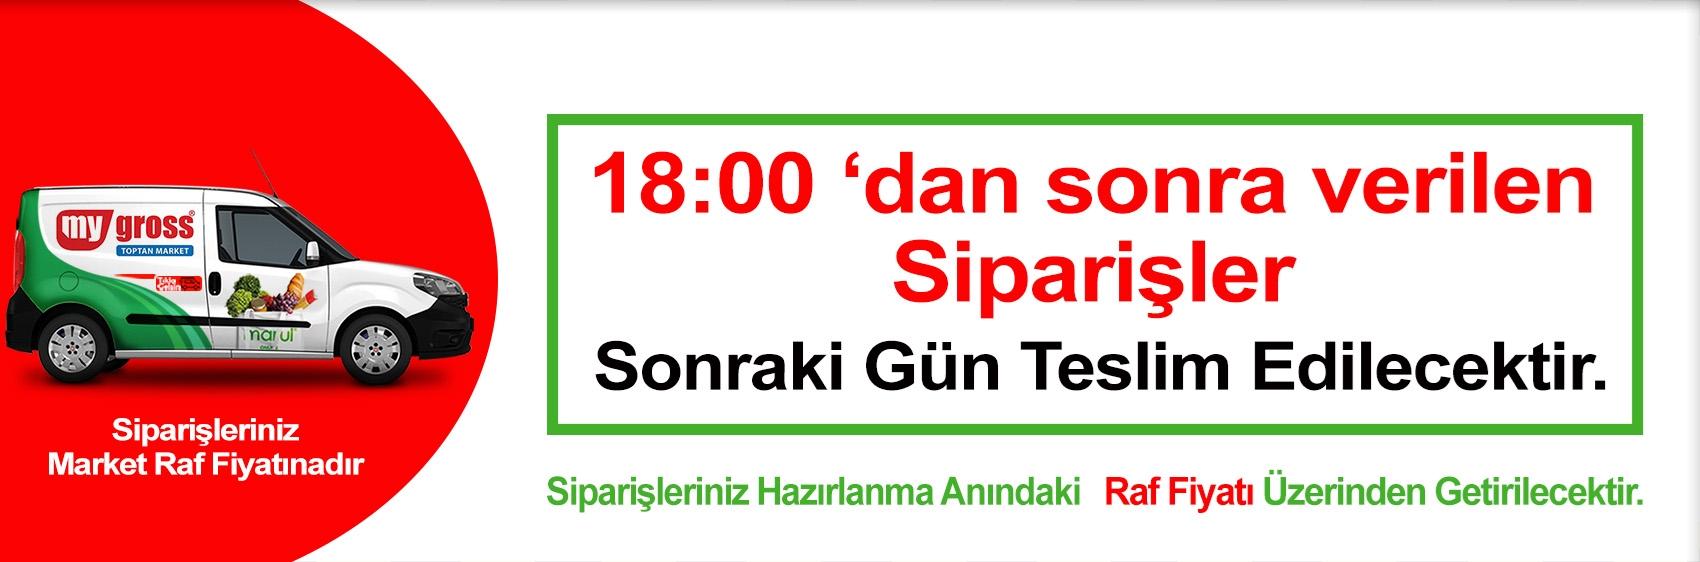 Konya Meram my gross toptan market online market alışverişi